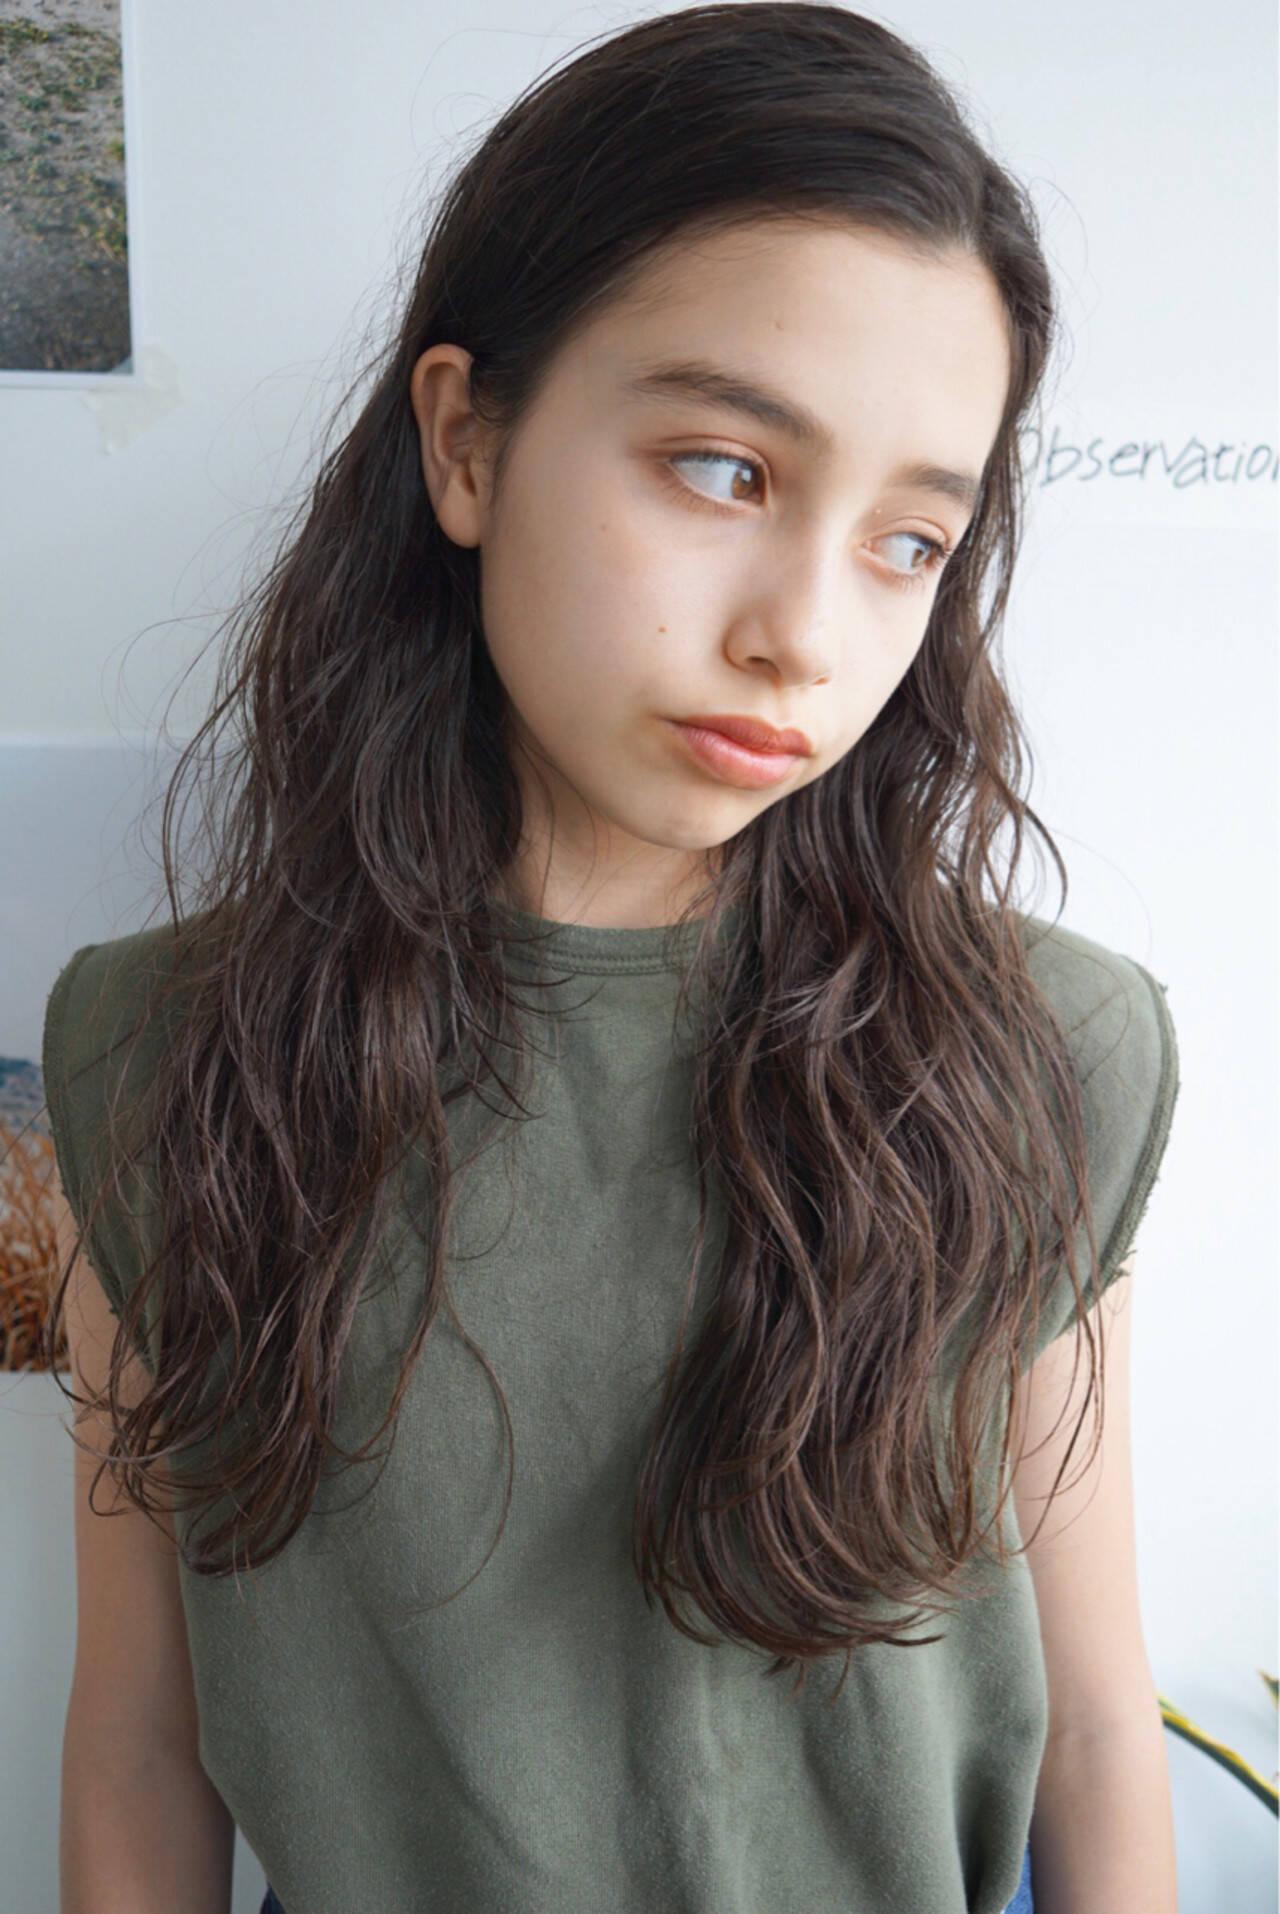 ロング 外国人風 センターパート パーマヘアスタイルや髪型の写真・画像